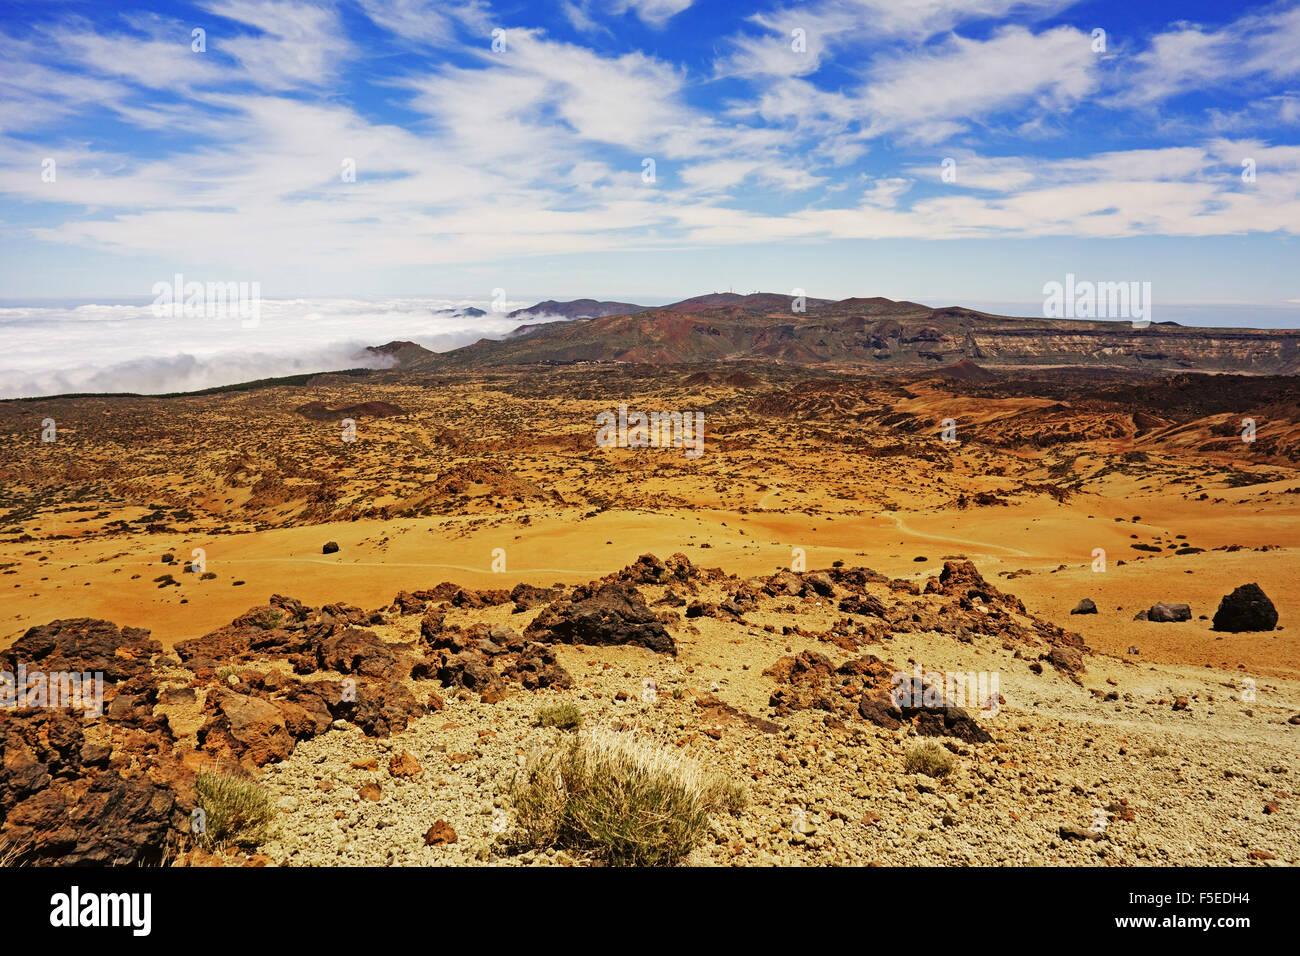 Las Canadas, Parque Nacional del Teide, Tenerife, Islas Canarias, Atlántico, Europa Imagen De Stock